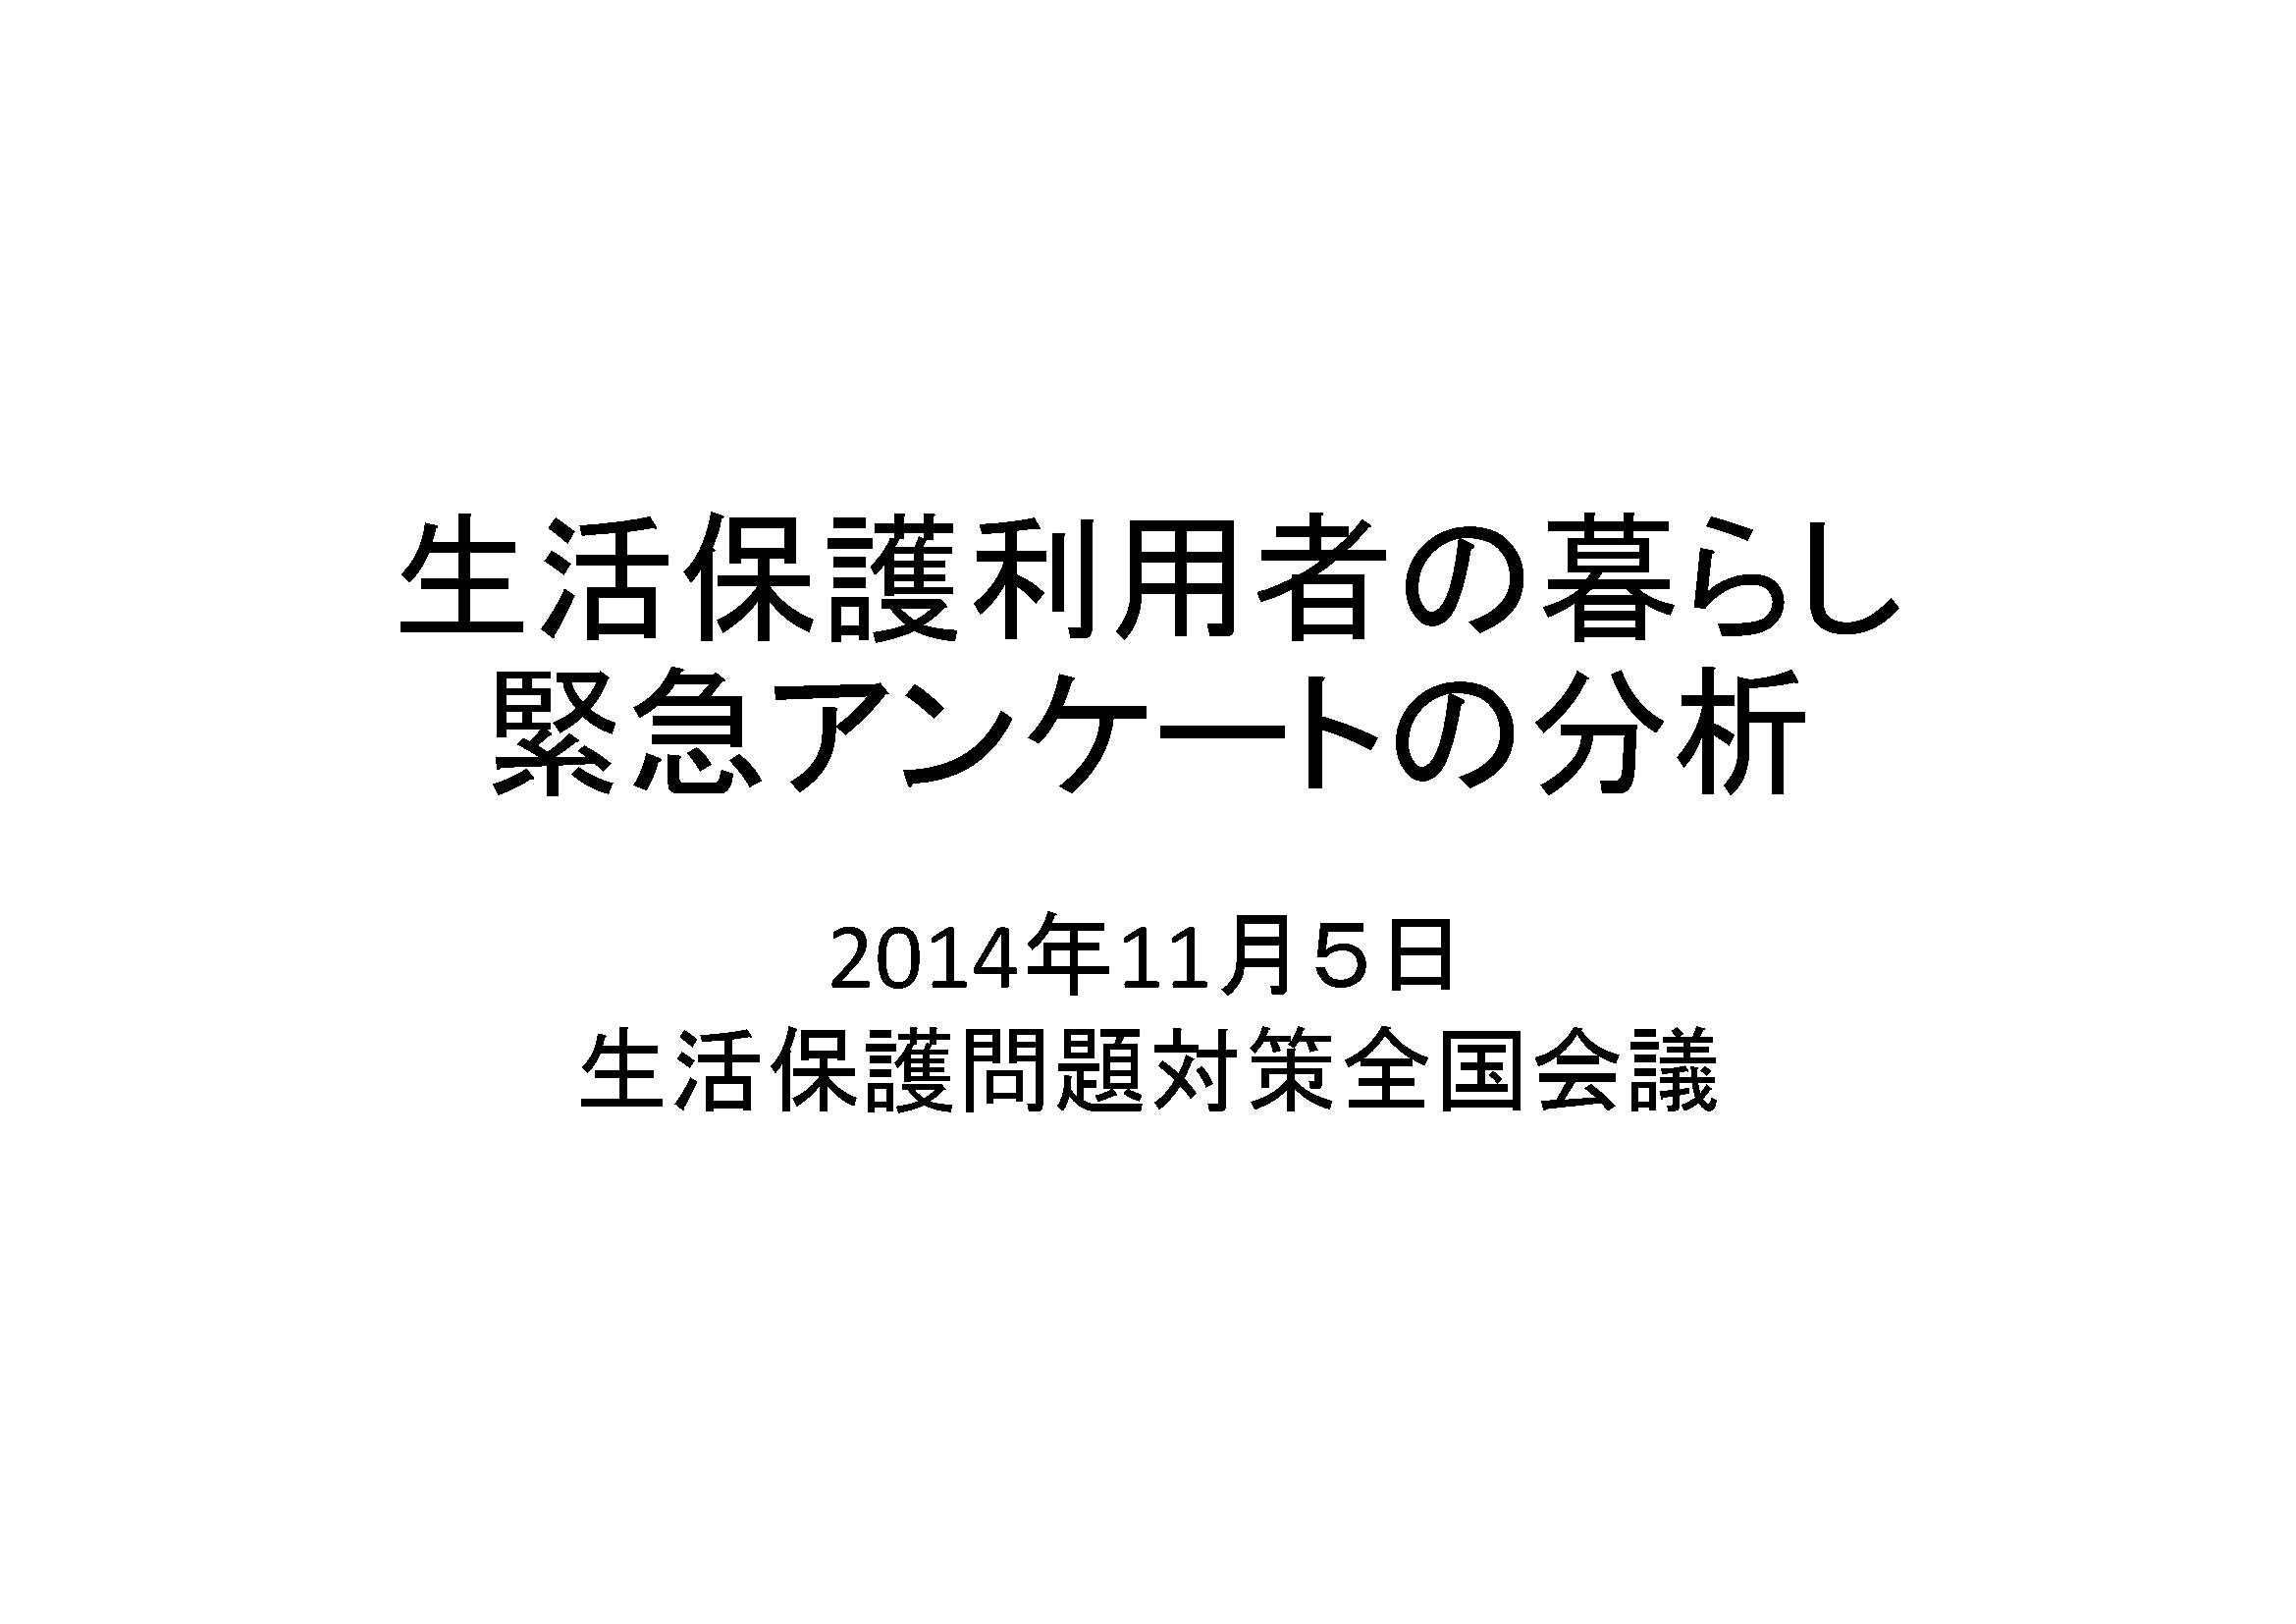 生活保護利用者緊急アンケート 01